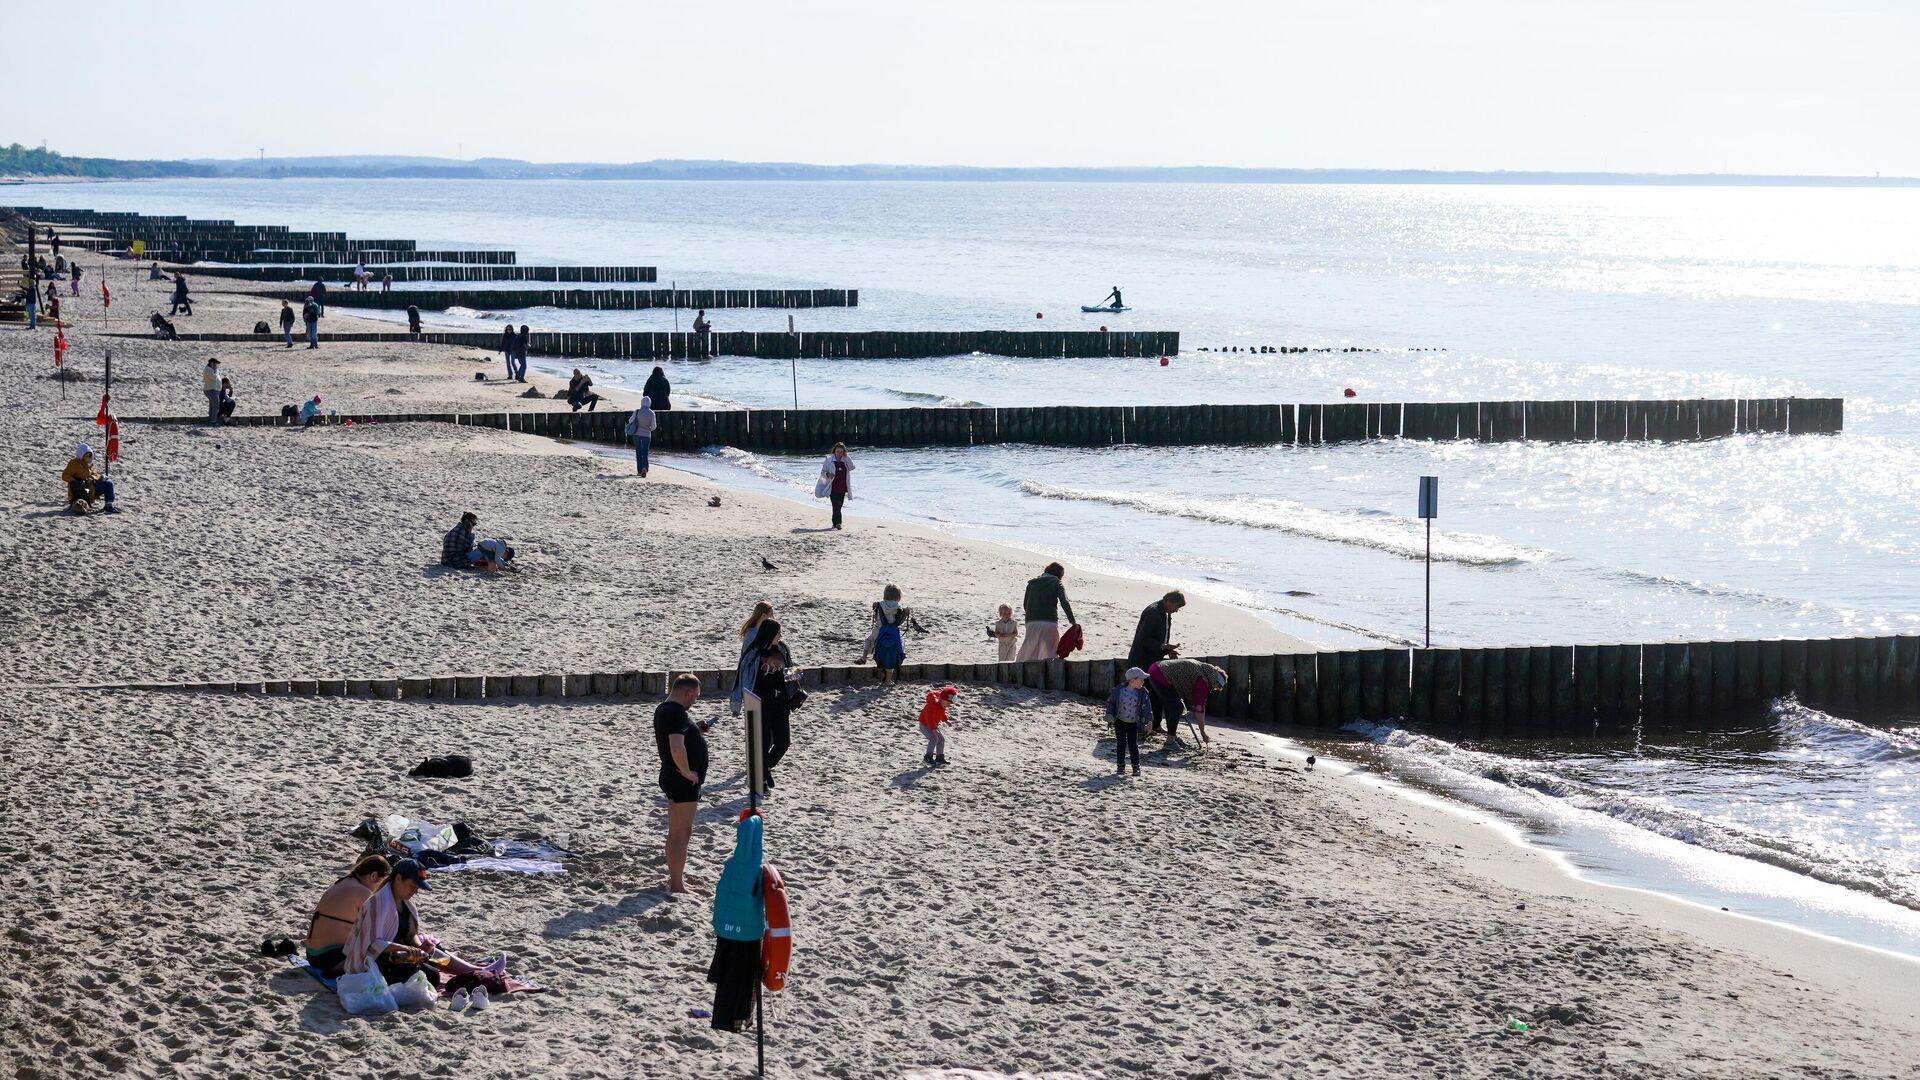 Отдыхающие на пляже в городе Зеленоградск Калининградской области - РИА Новости, 1920, 19.07.2021